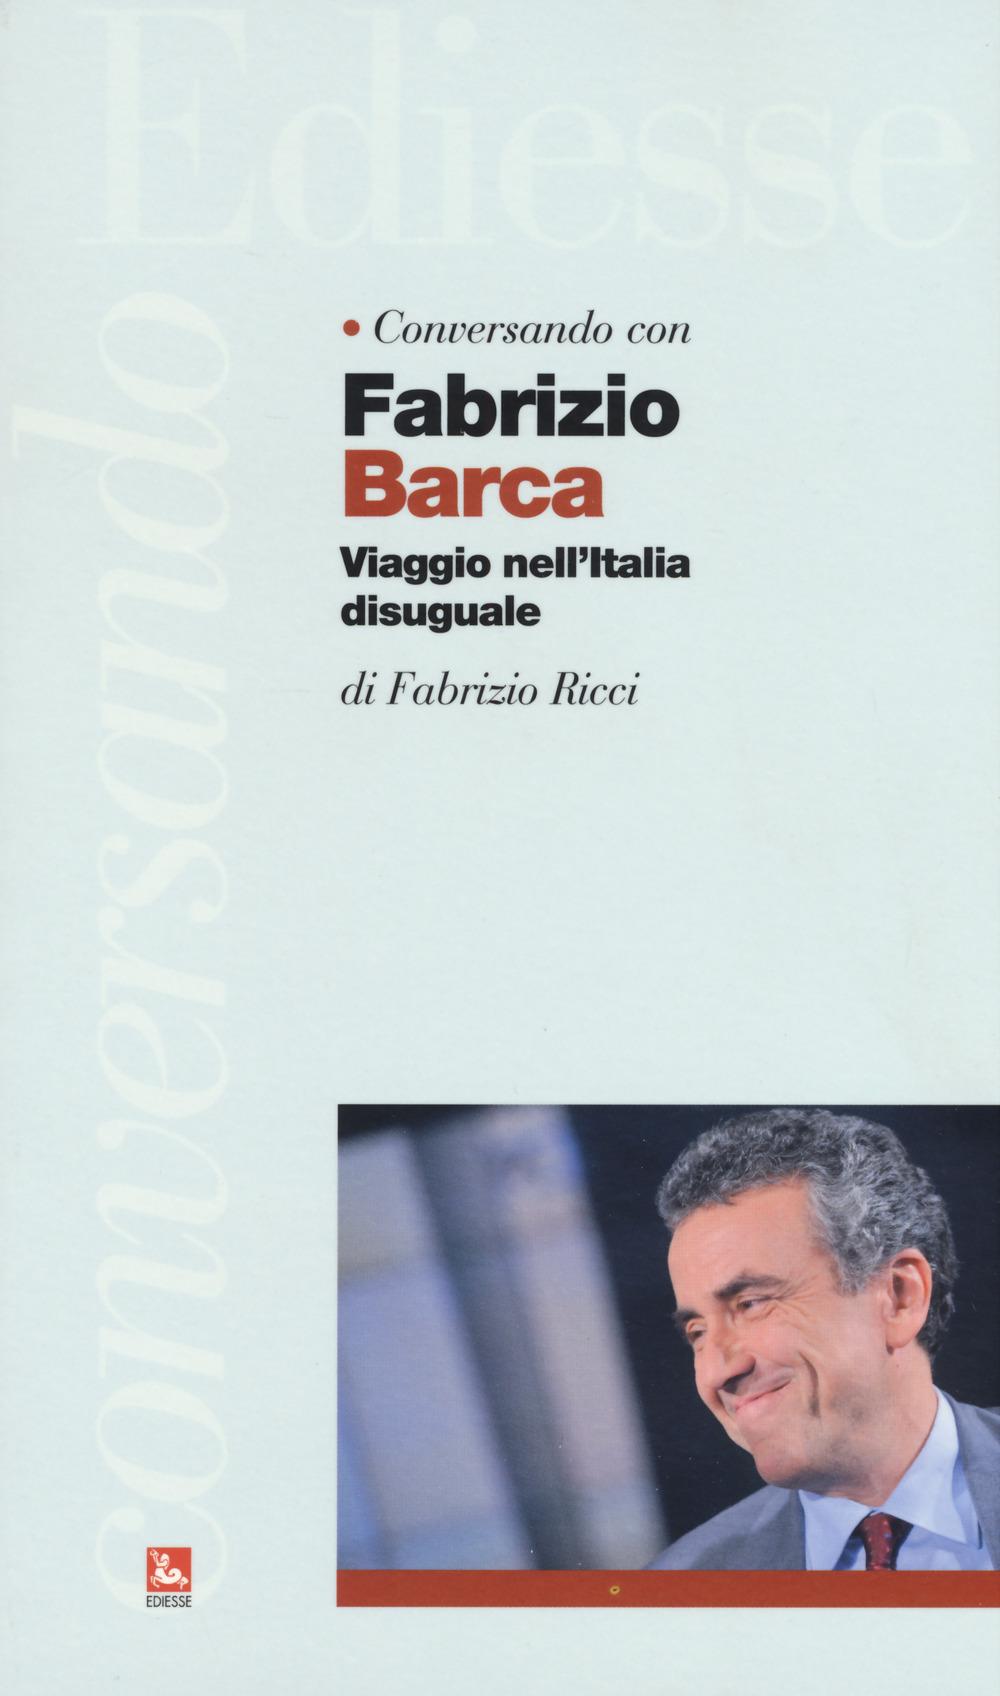 CONVERSANDO CON FABRIZIO BARCA. VIAGGIO NELL'ITALIA DISUGUALE - 9788823021105